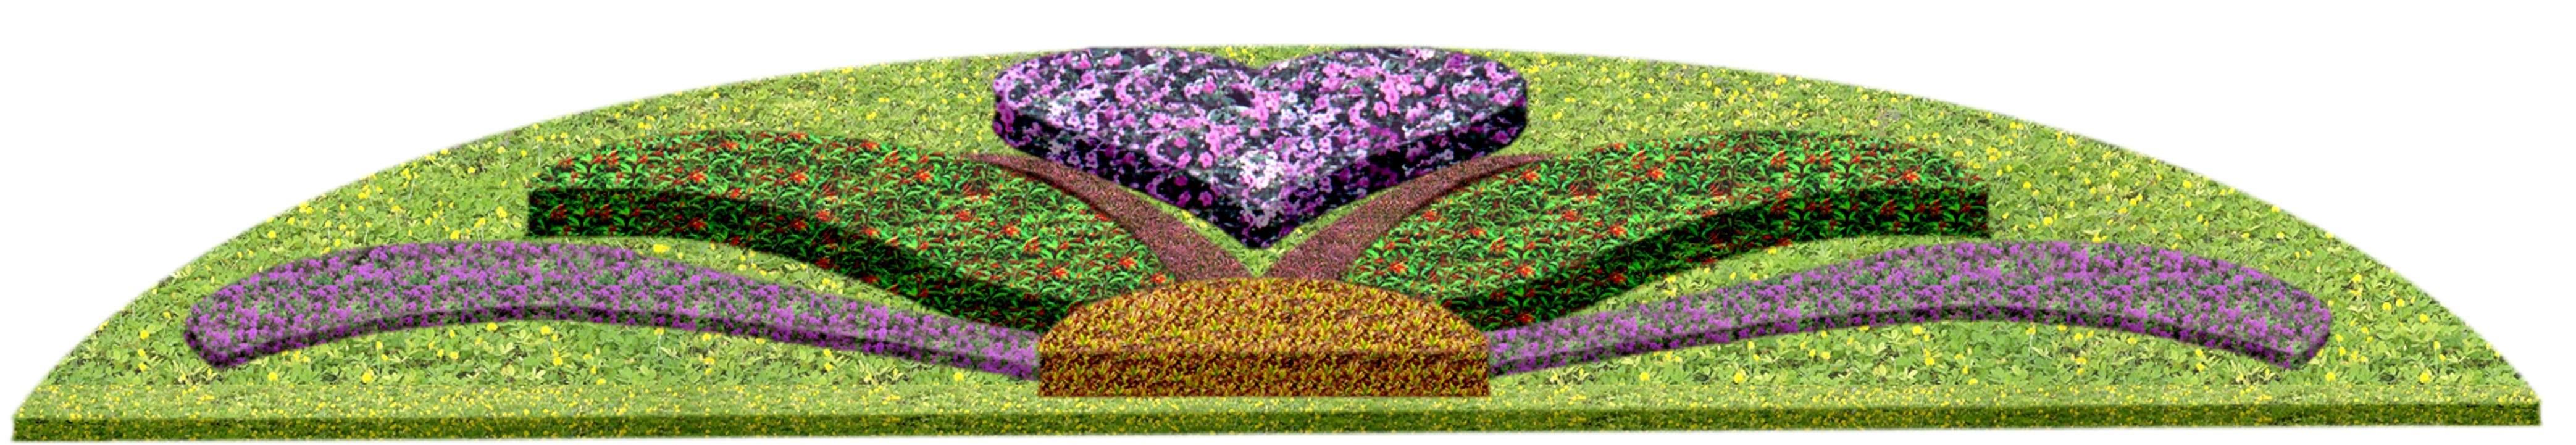 花坛素材材质图片零柒贰